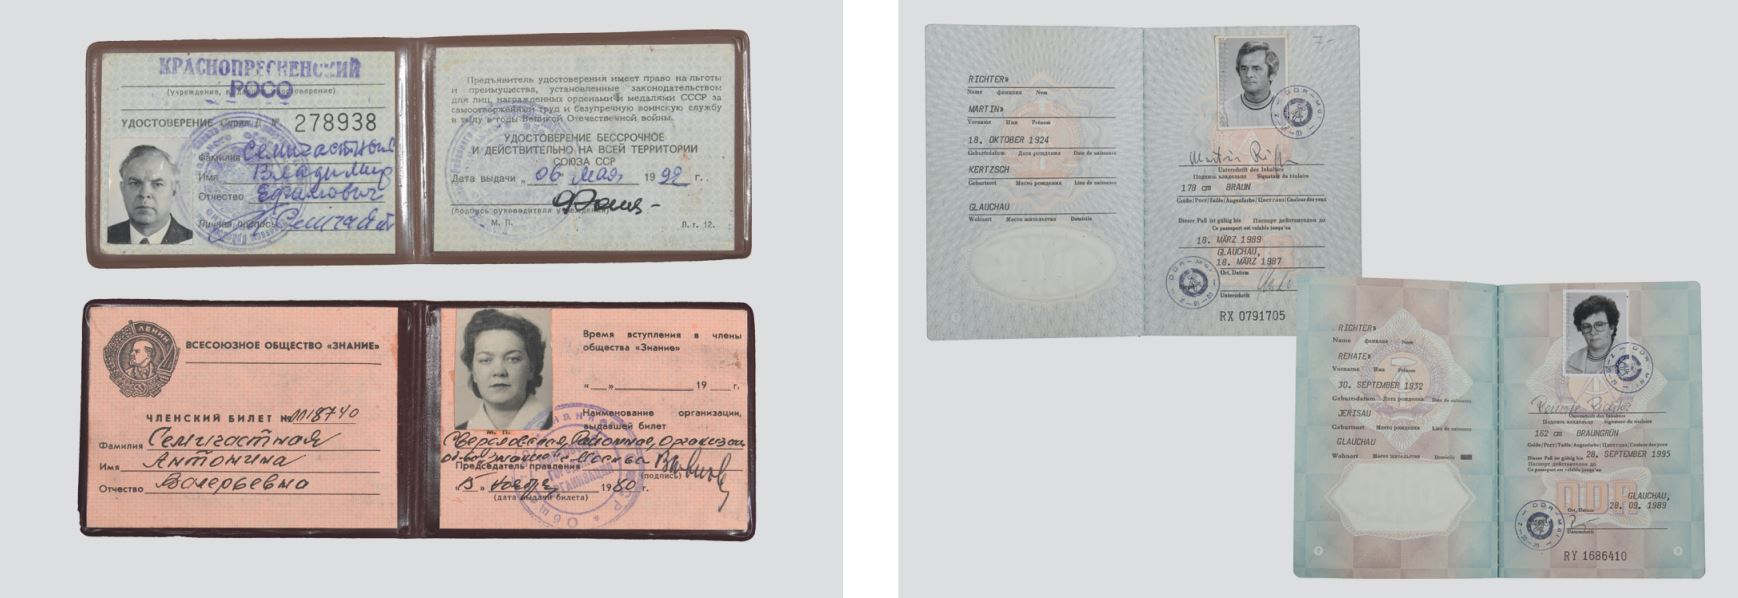 Passaports